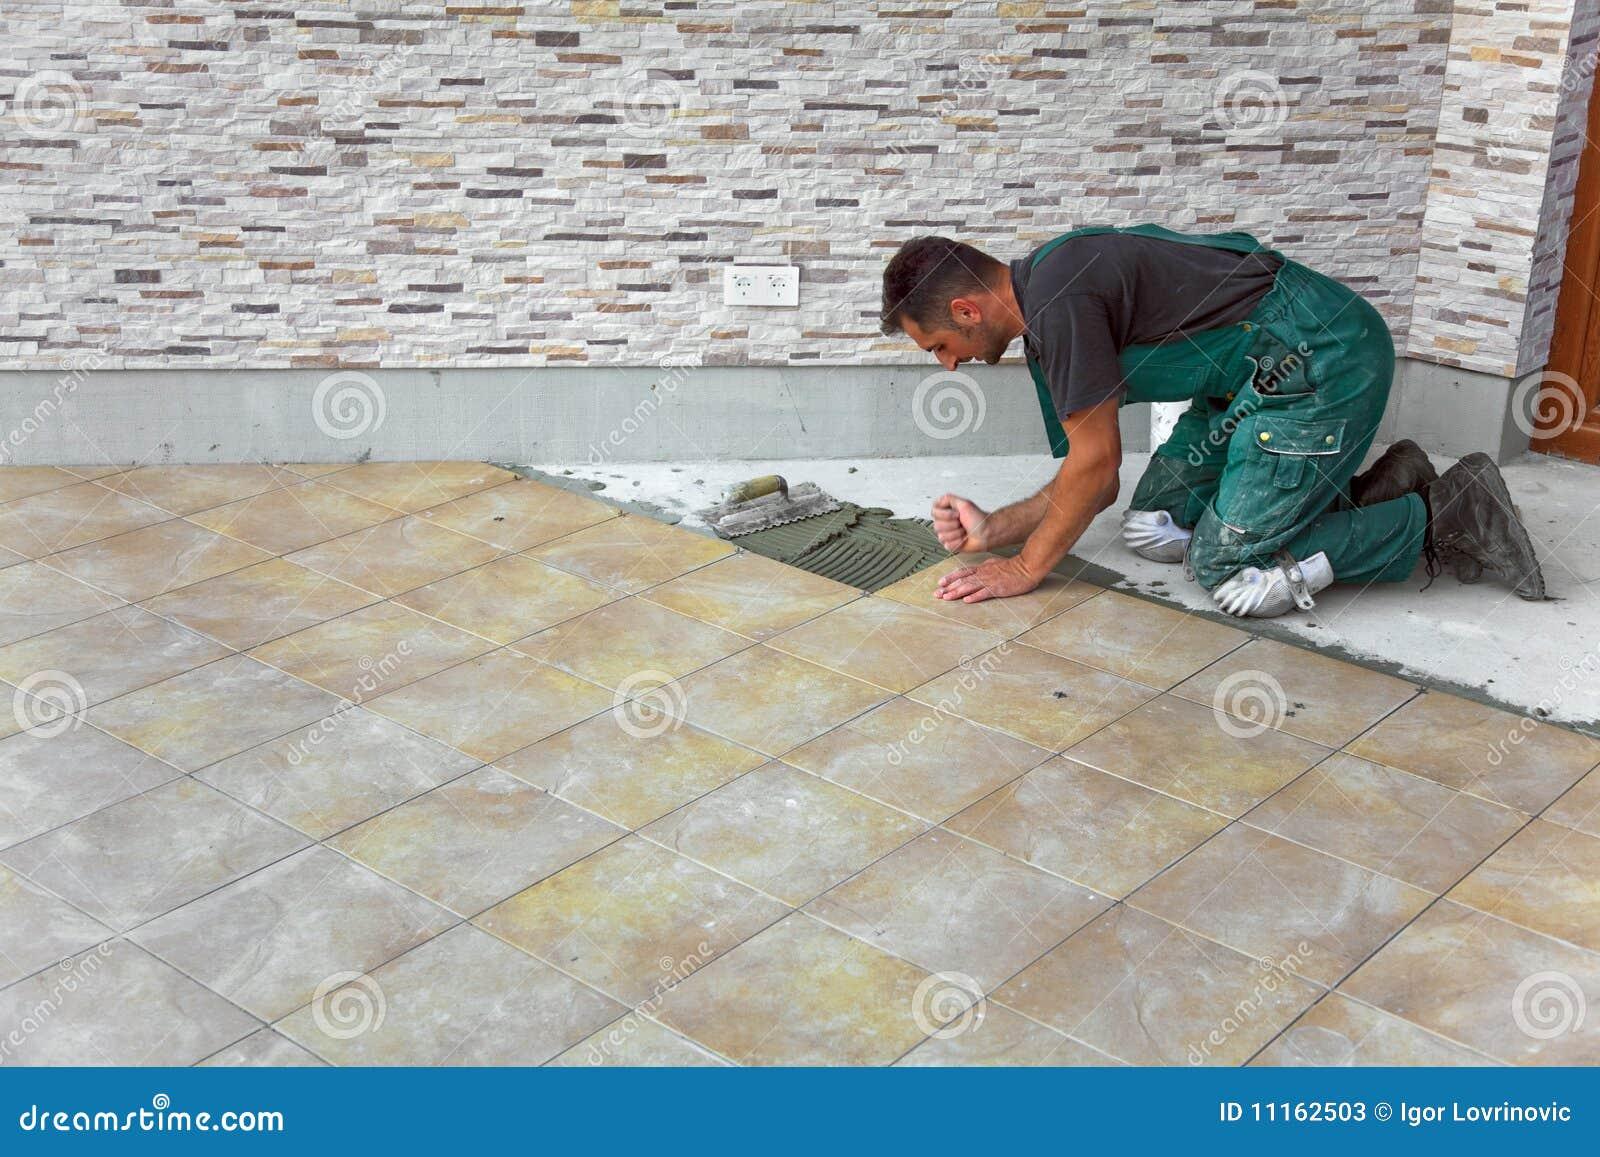 Floor Tile Construction : Floor tiles installation stock image of